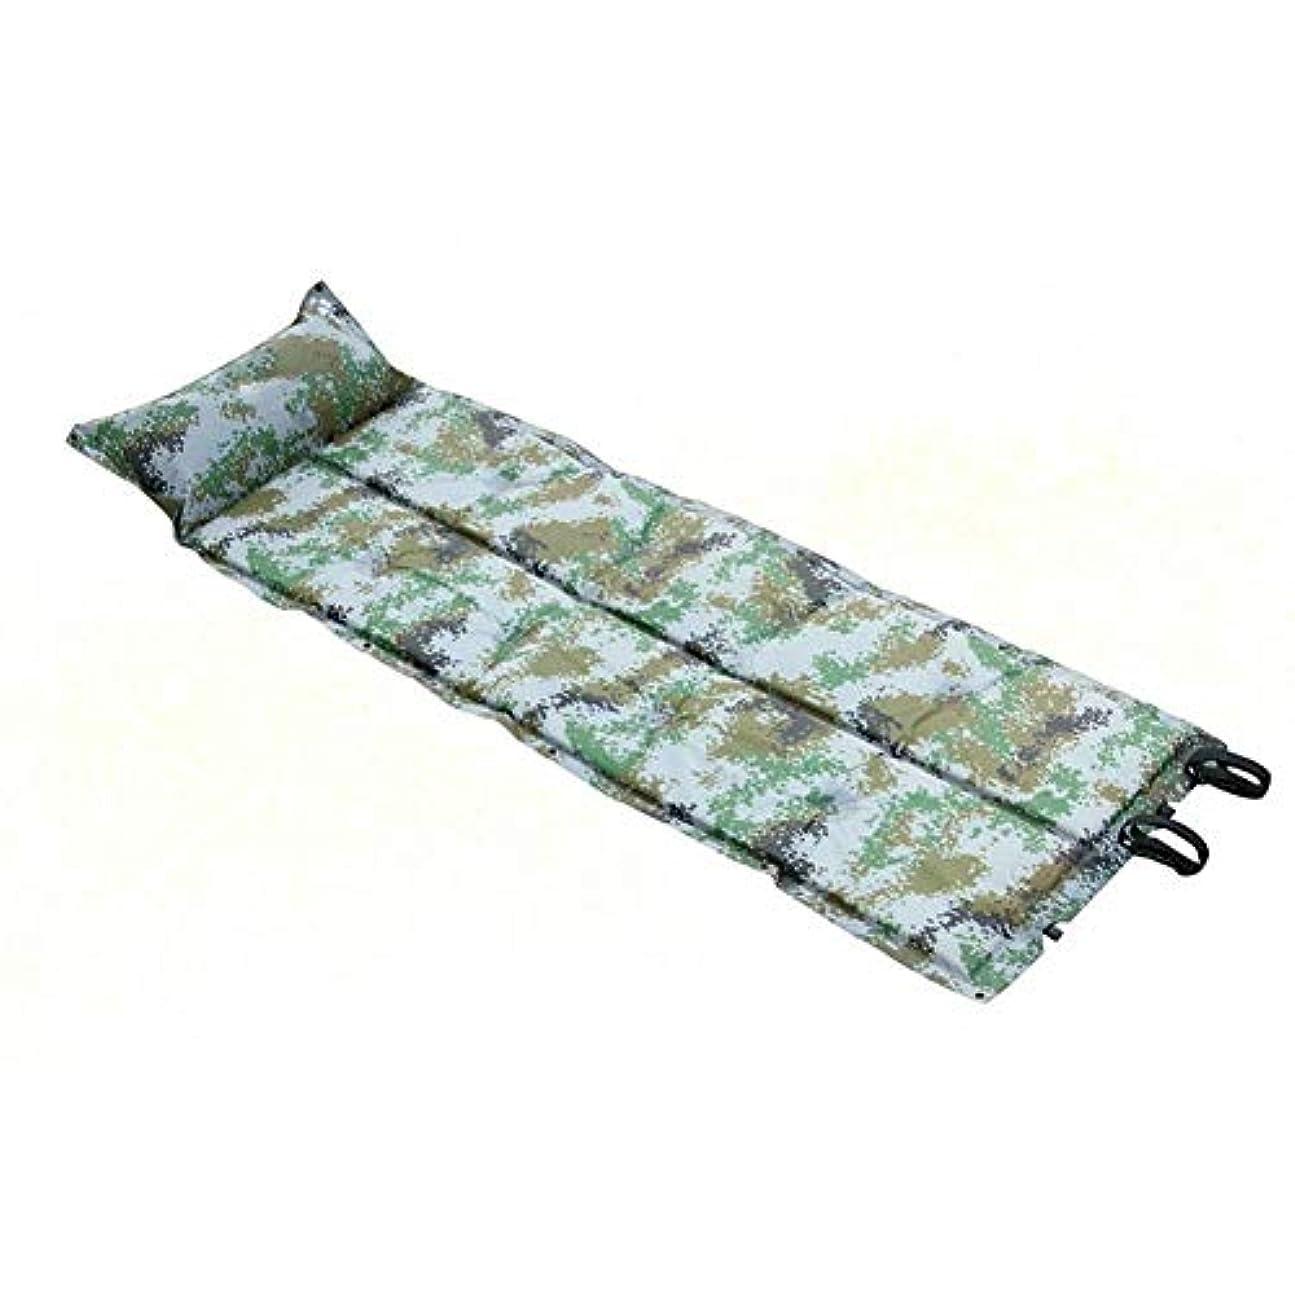 ジャベスウィルソン理解振り向く枕、キャンプの睡眠のマットの吹かれた枕空気パッドのキャンプのハイキングのテントのための携帯用キャンプのマットレスが付いている自己の膨脹可能なマット